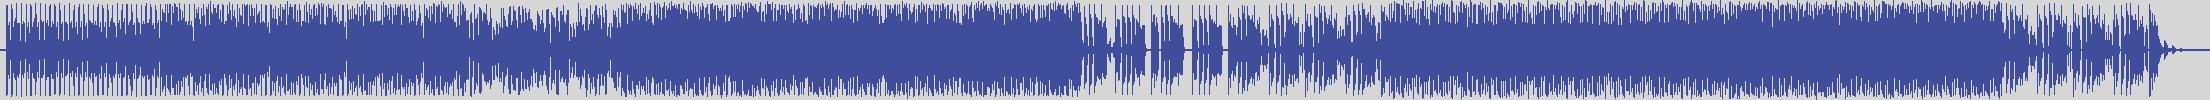 workin [WRK004] Blamed Landing - Homemade [Basement Guys Mix] audio wave form